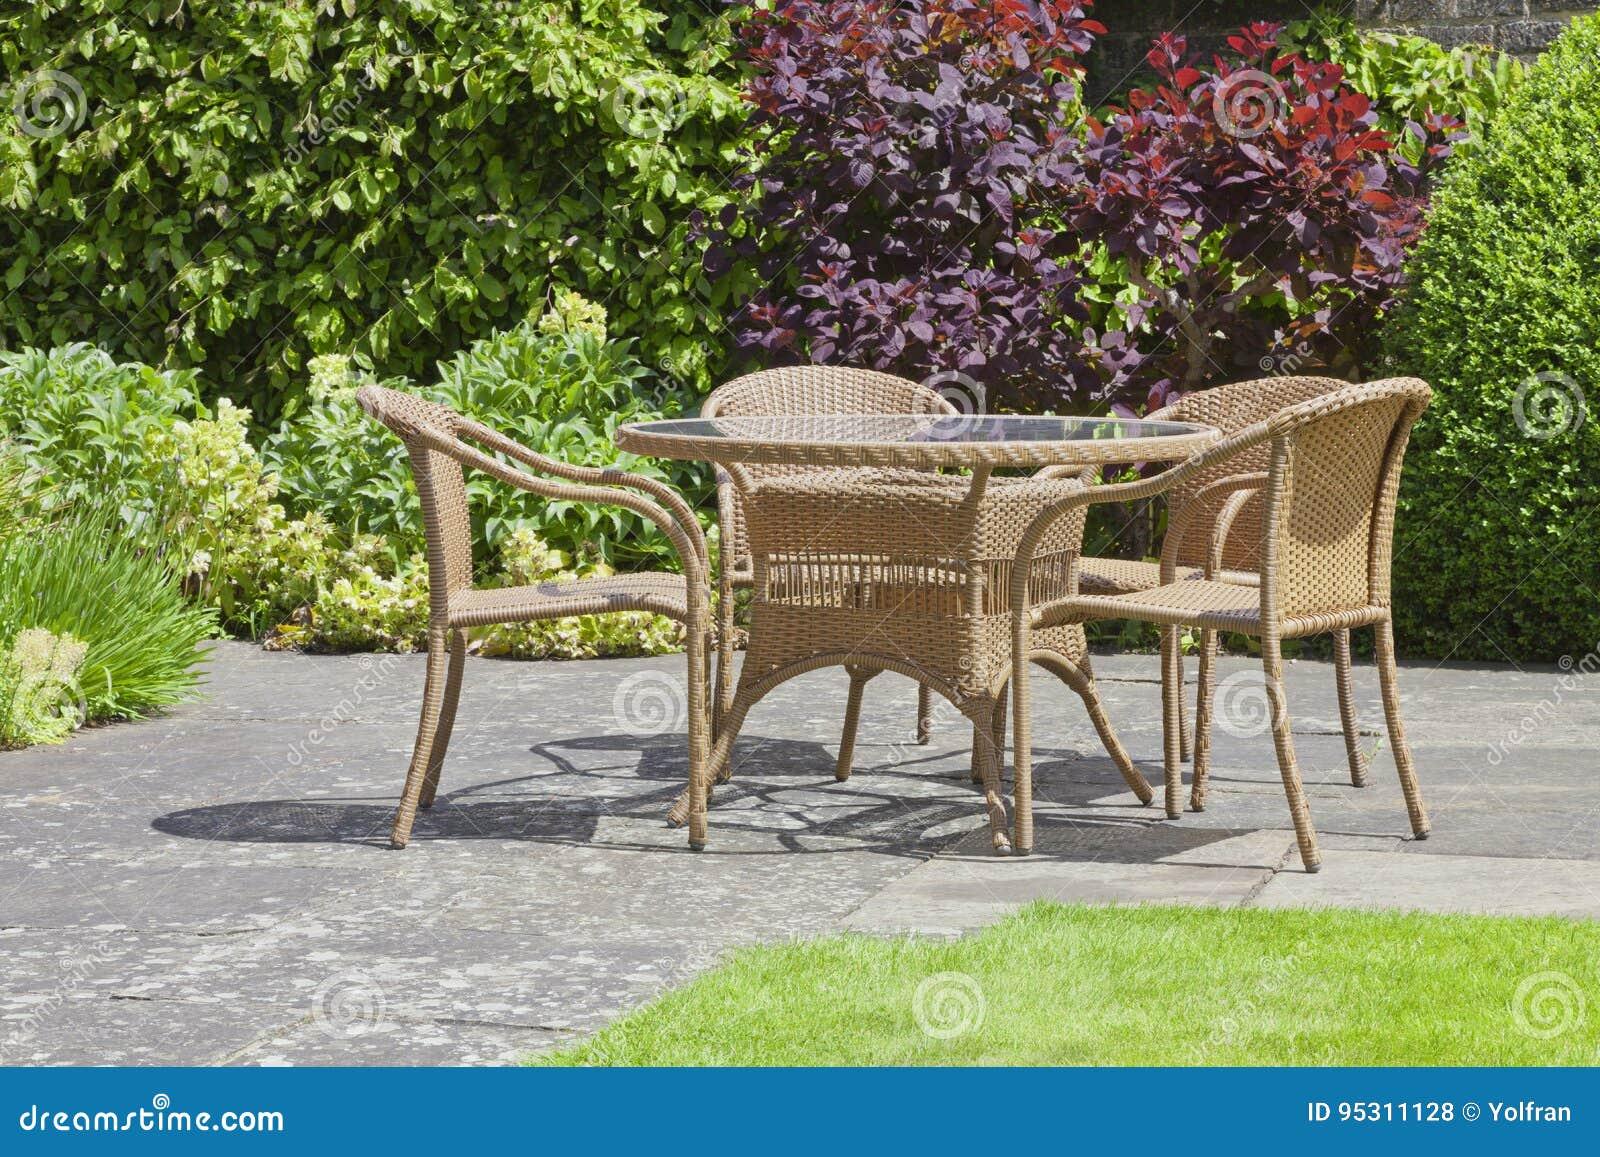 Rieten Ronde Tafel.Het Ontspannen Terras Rieten Stoelen Rondetafel In Een Tuin Van De